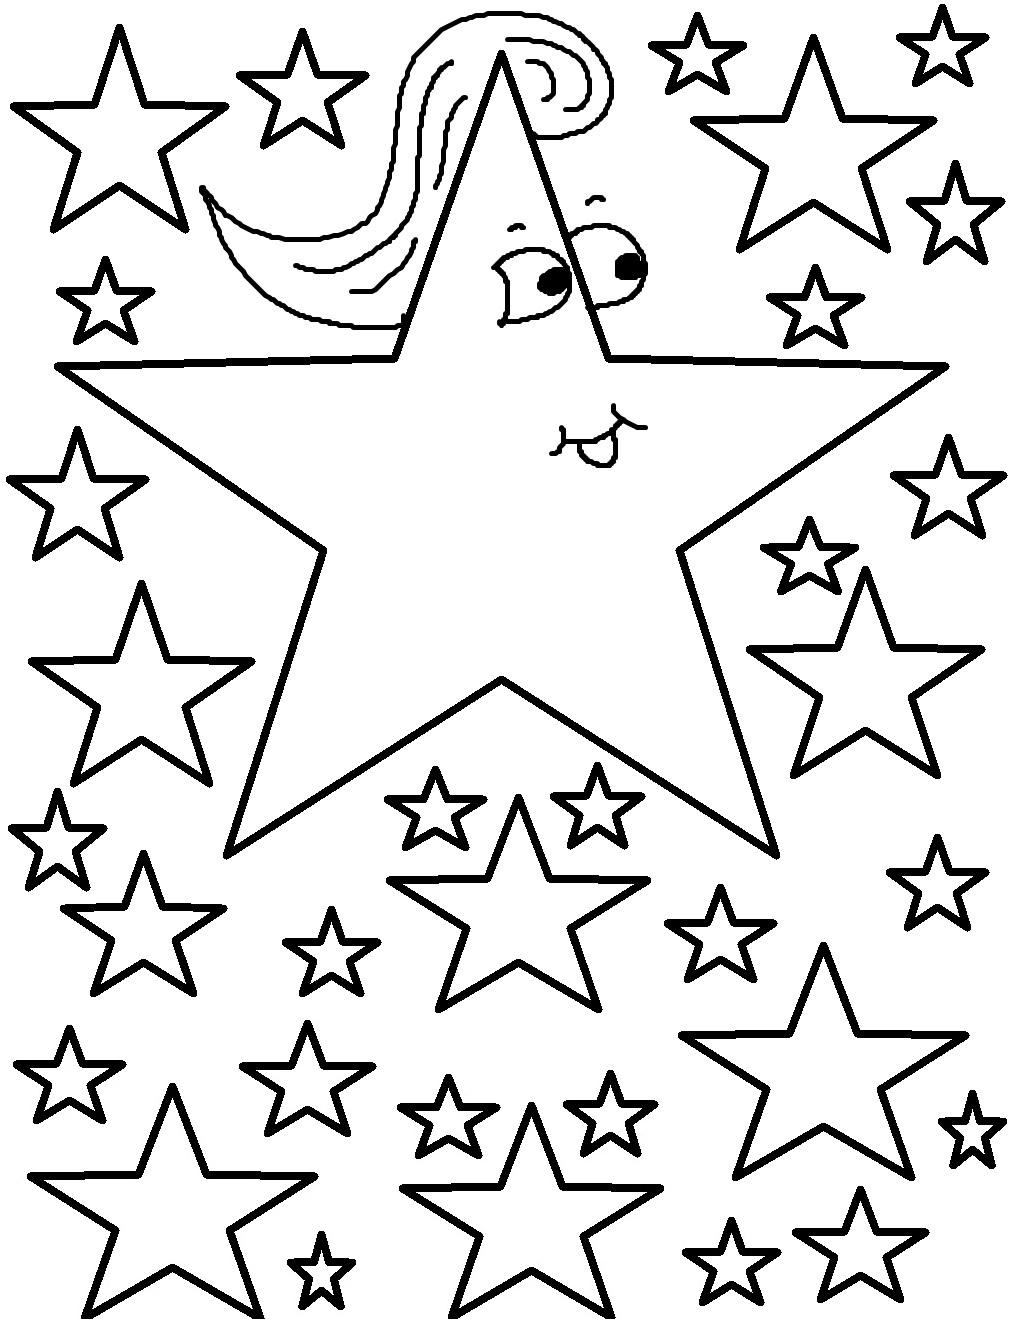 Disegno Stella Di Natale Da Colorare.Stelle Di Natale I Disegni Per Bambini Da Colorare Foto Pourfemme